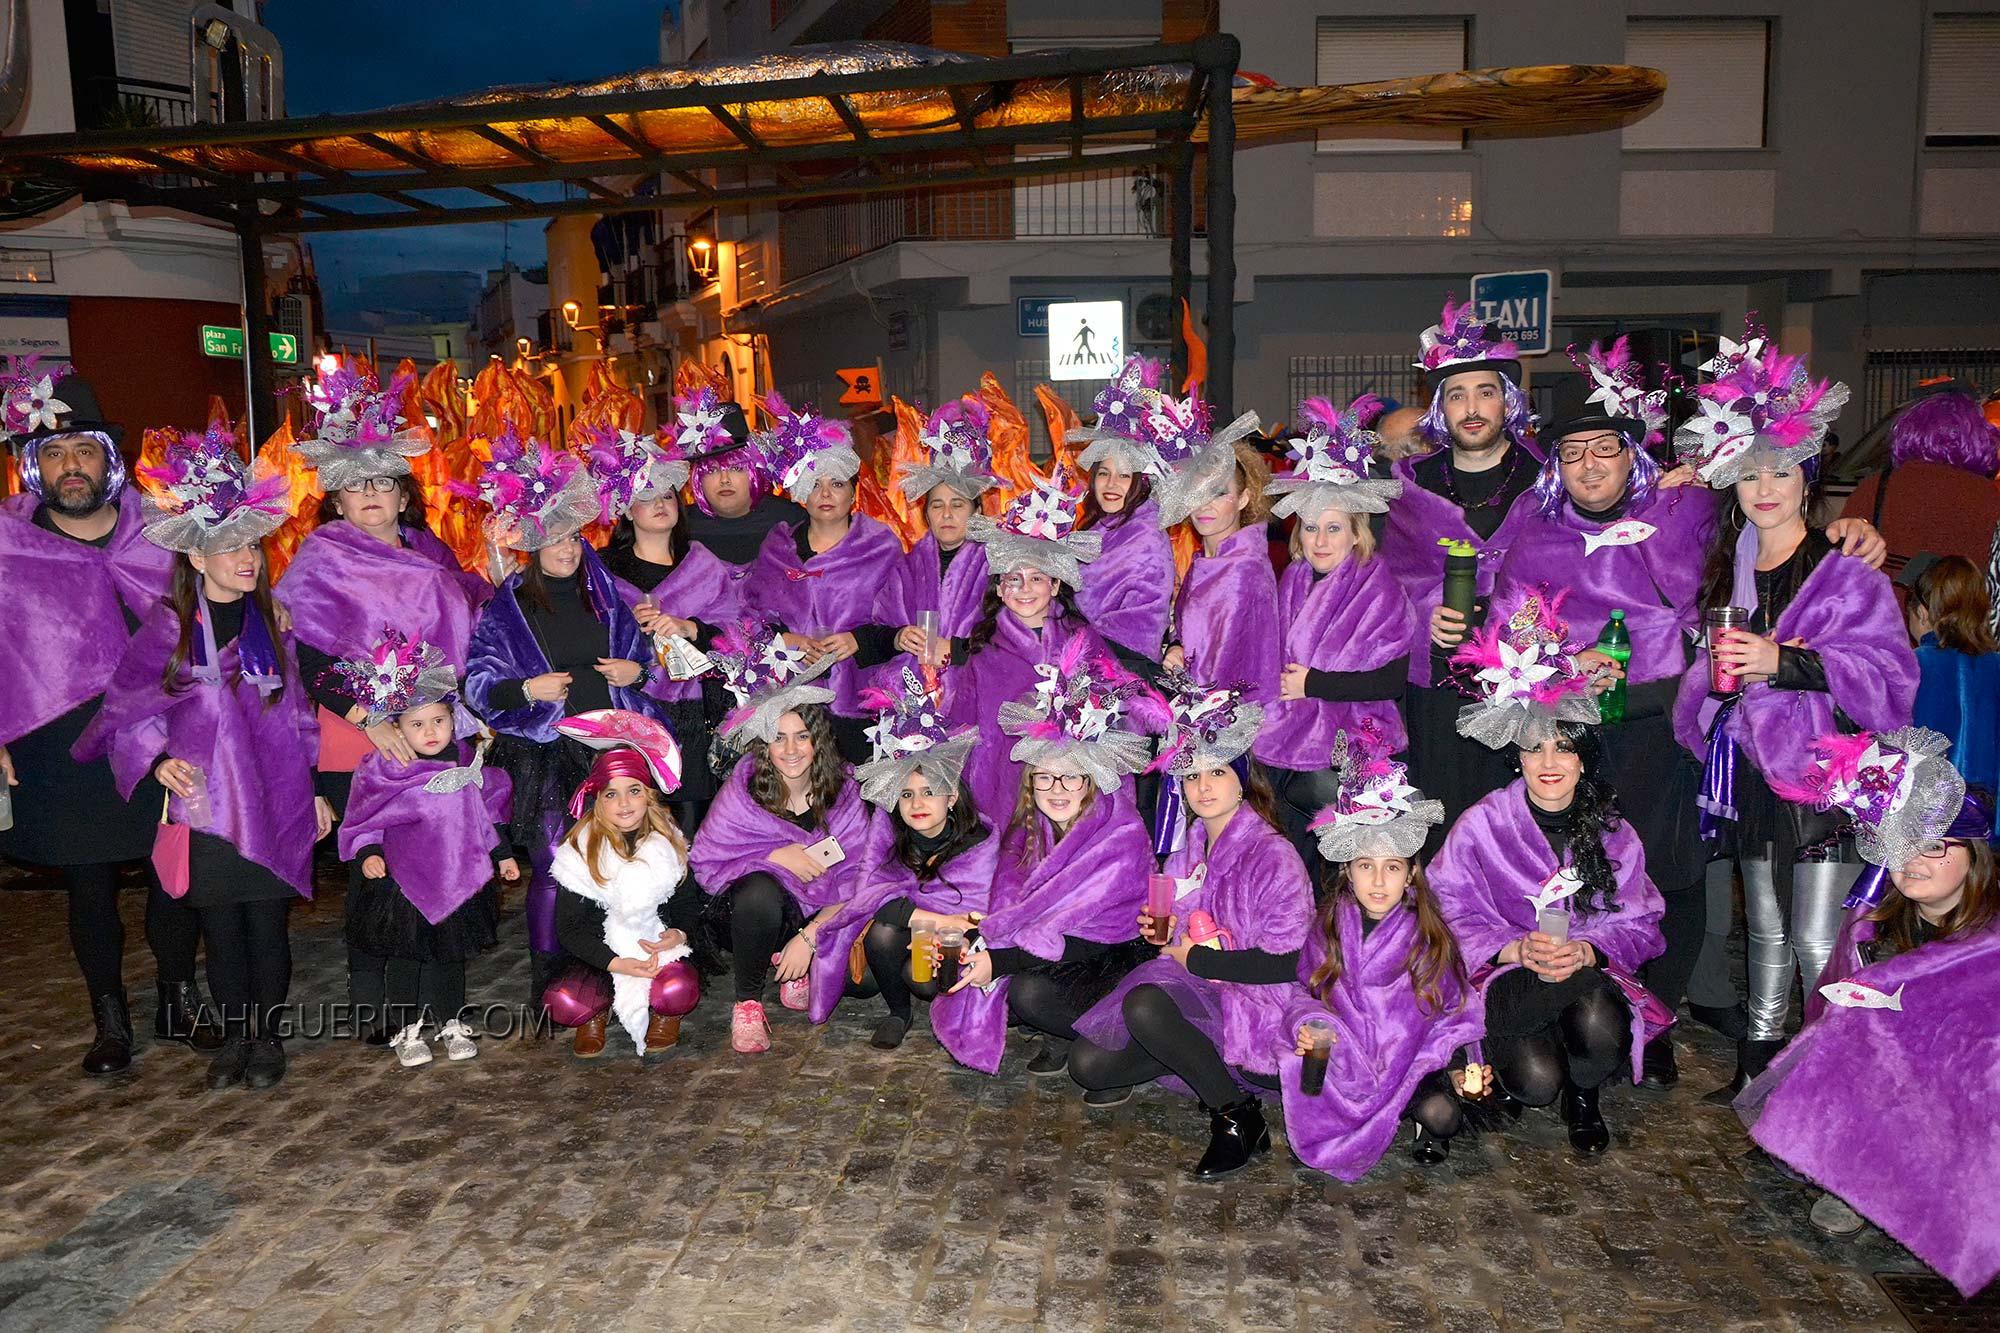 Entierro de la sardina carnaval isla cristina _DSC1932